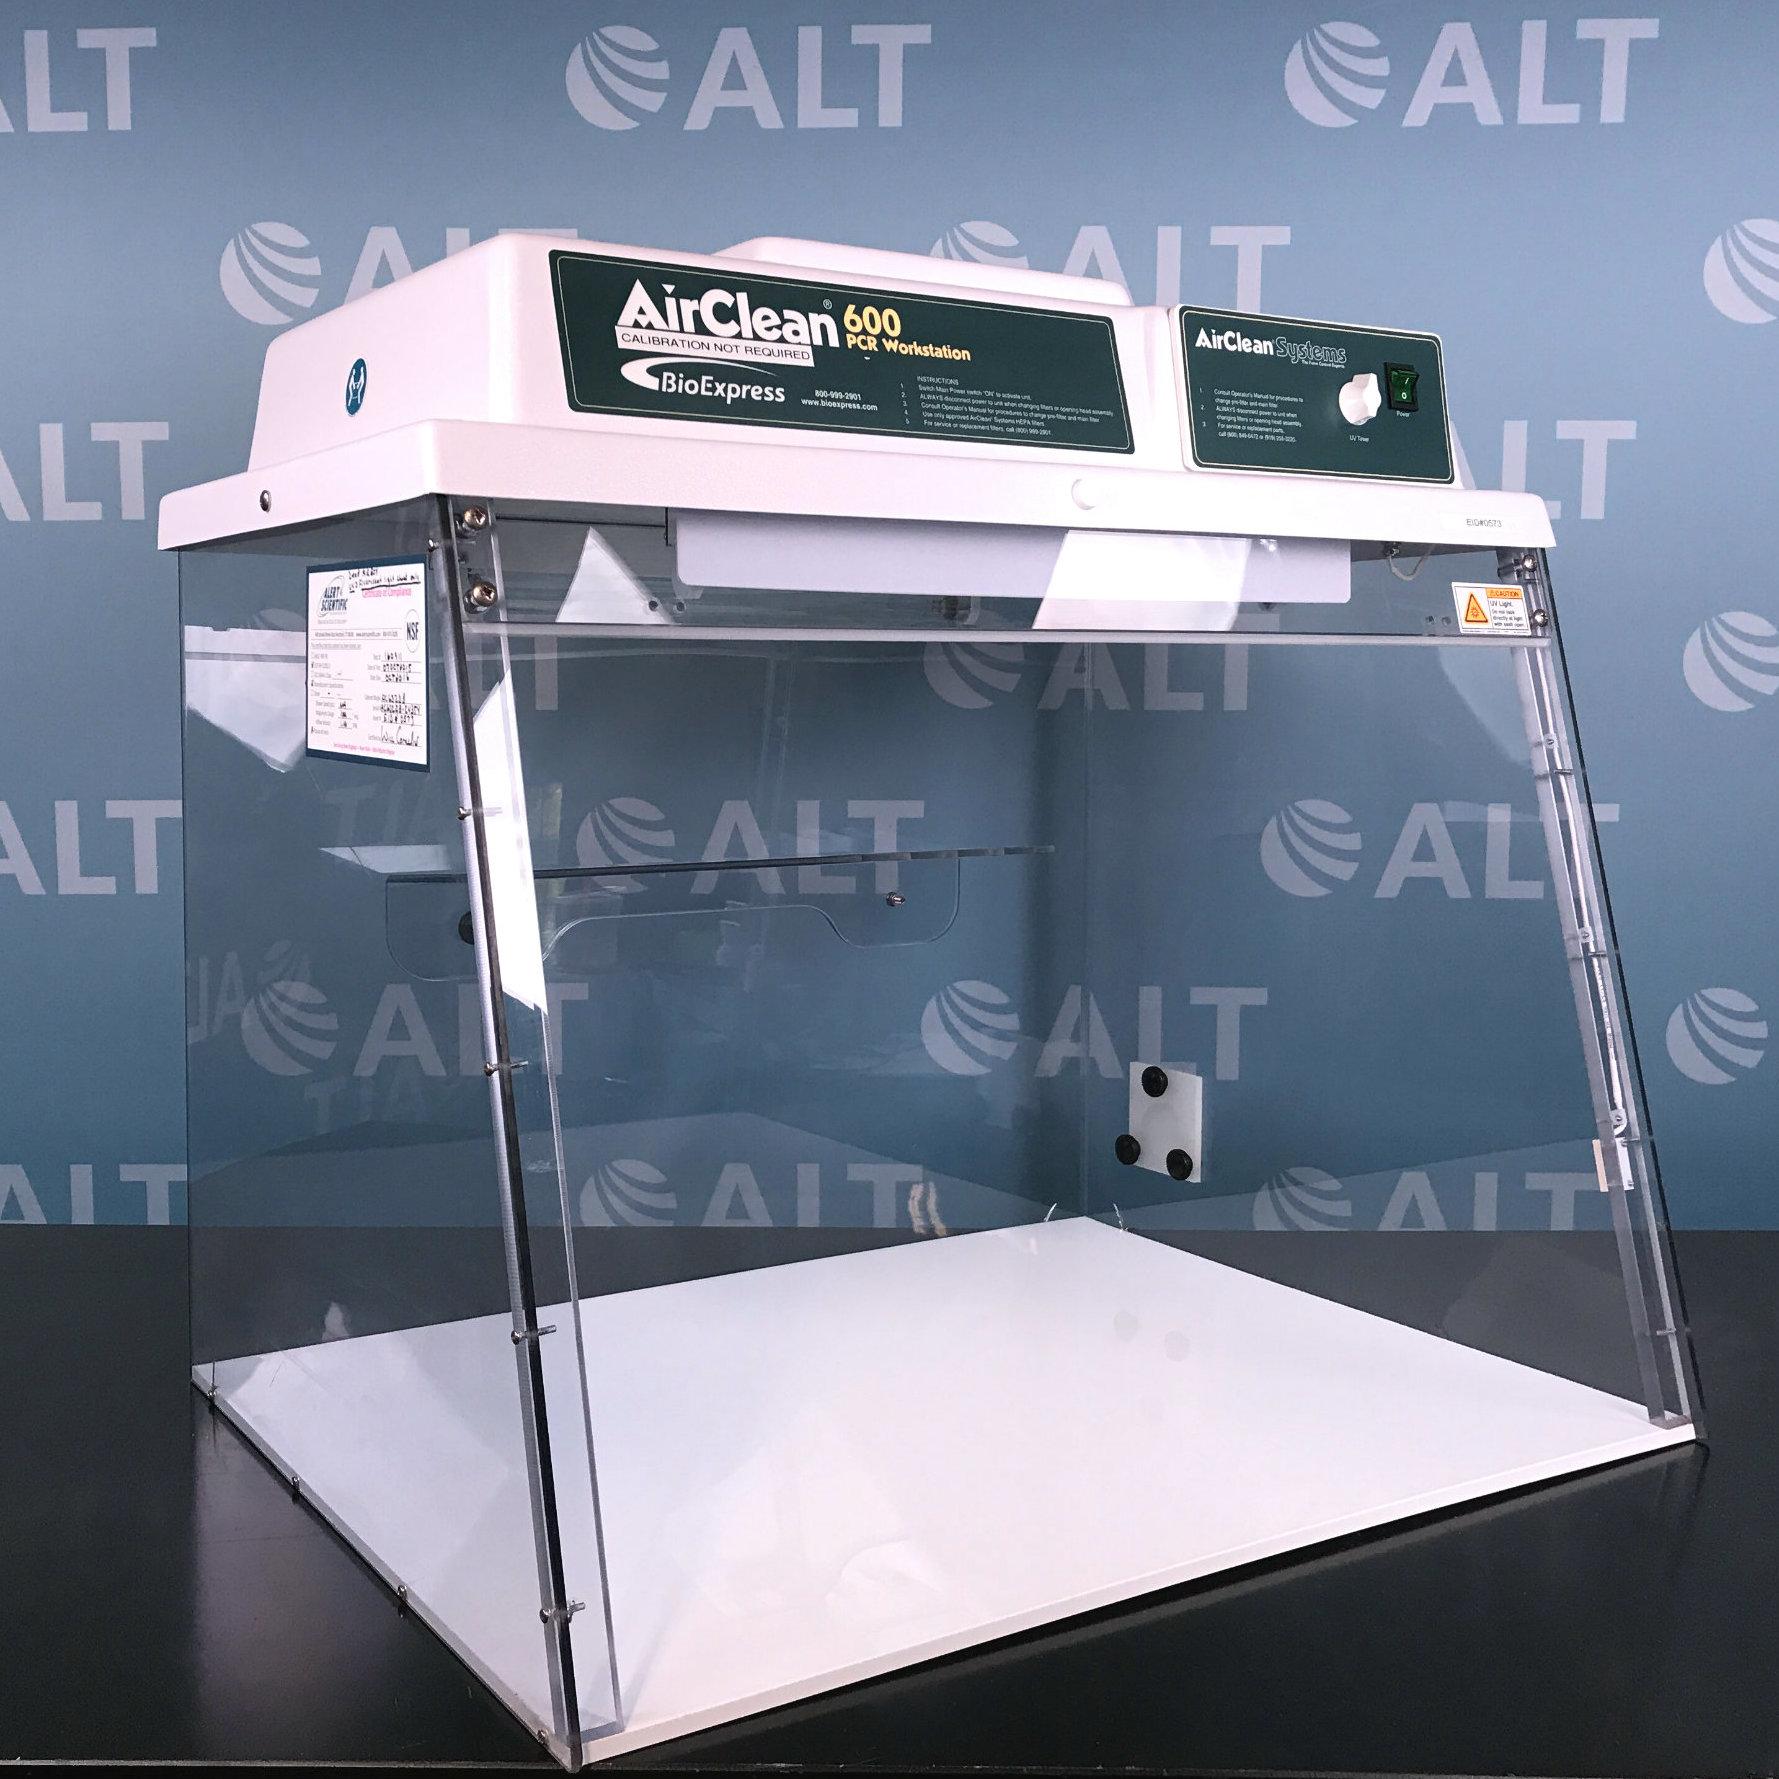 Airclean 600 pcr workstation manual